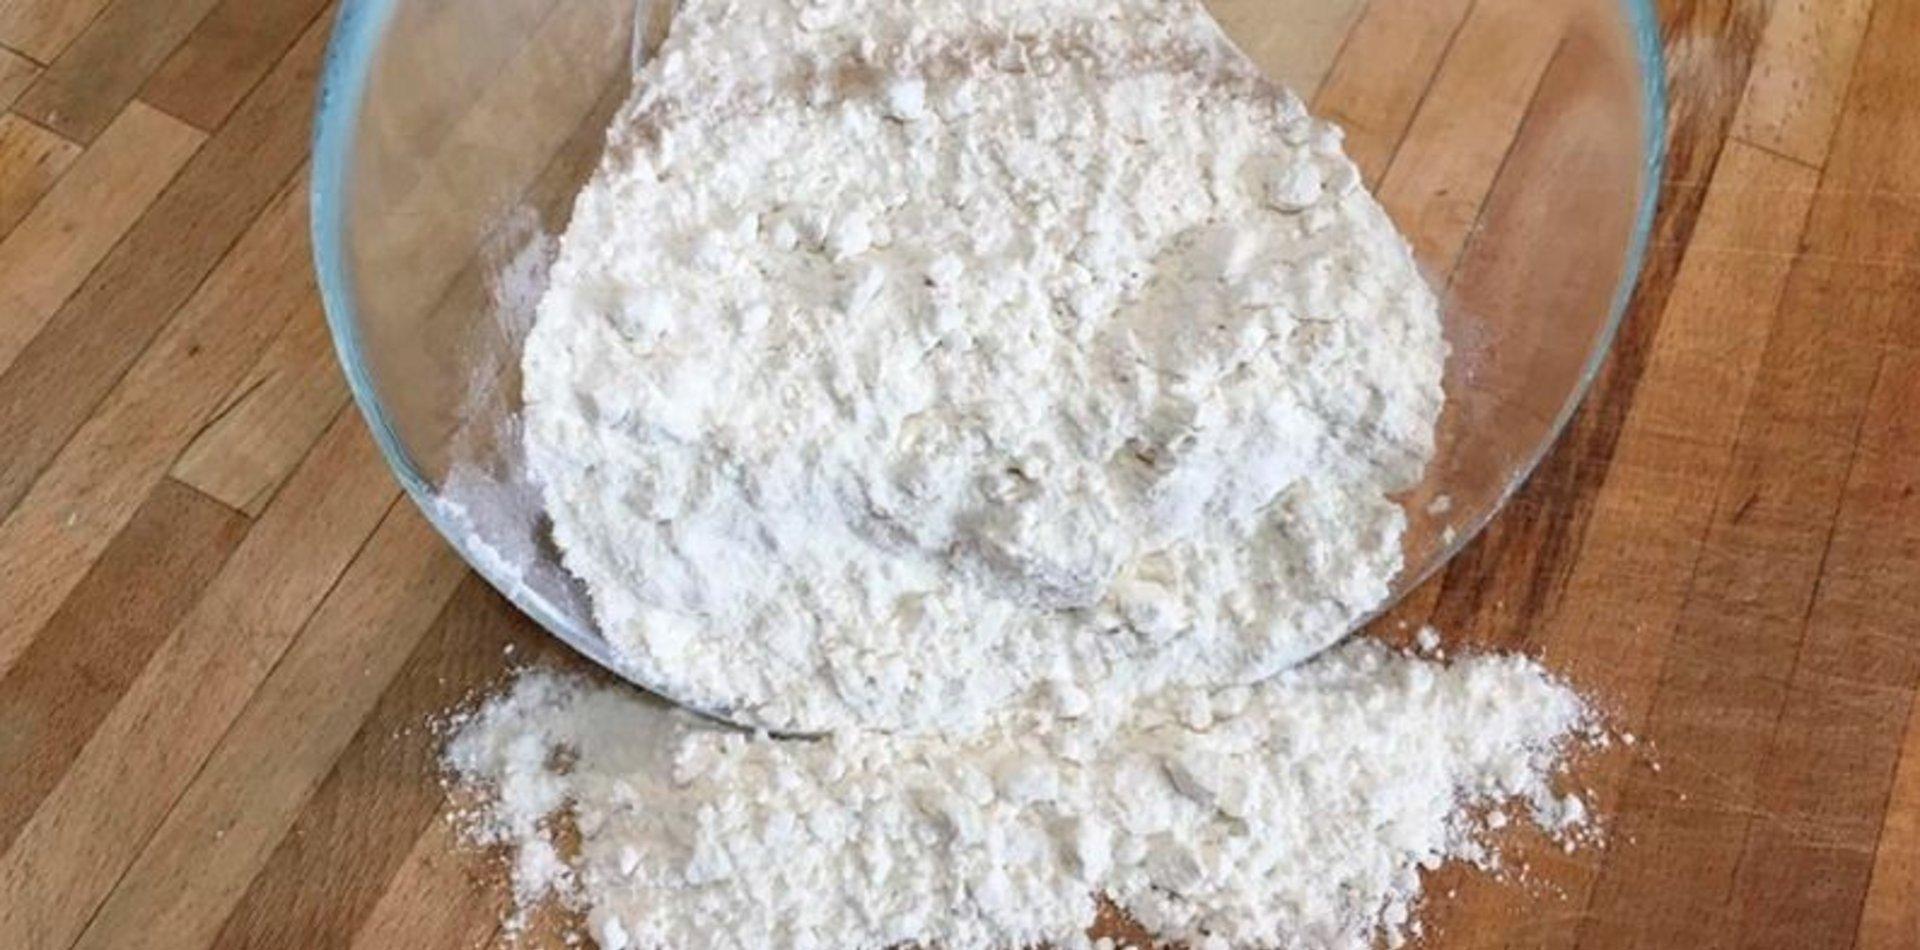 Prohibieron el consumo de una marca de harina en todo el país